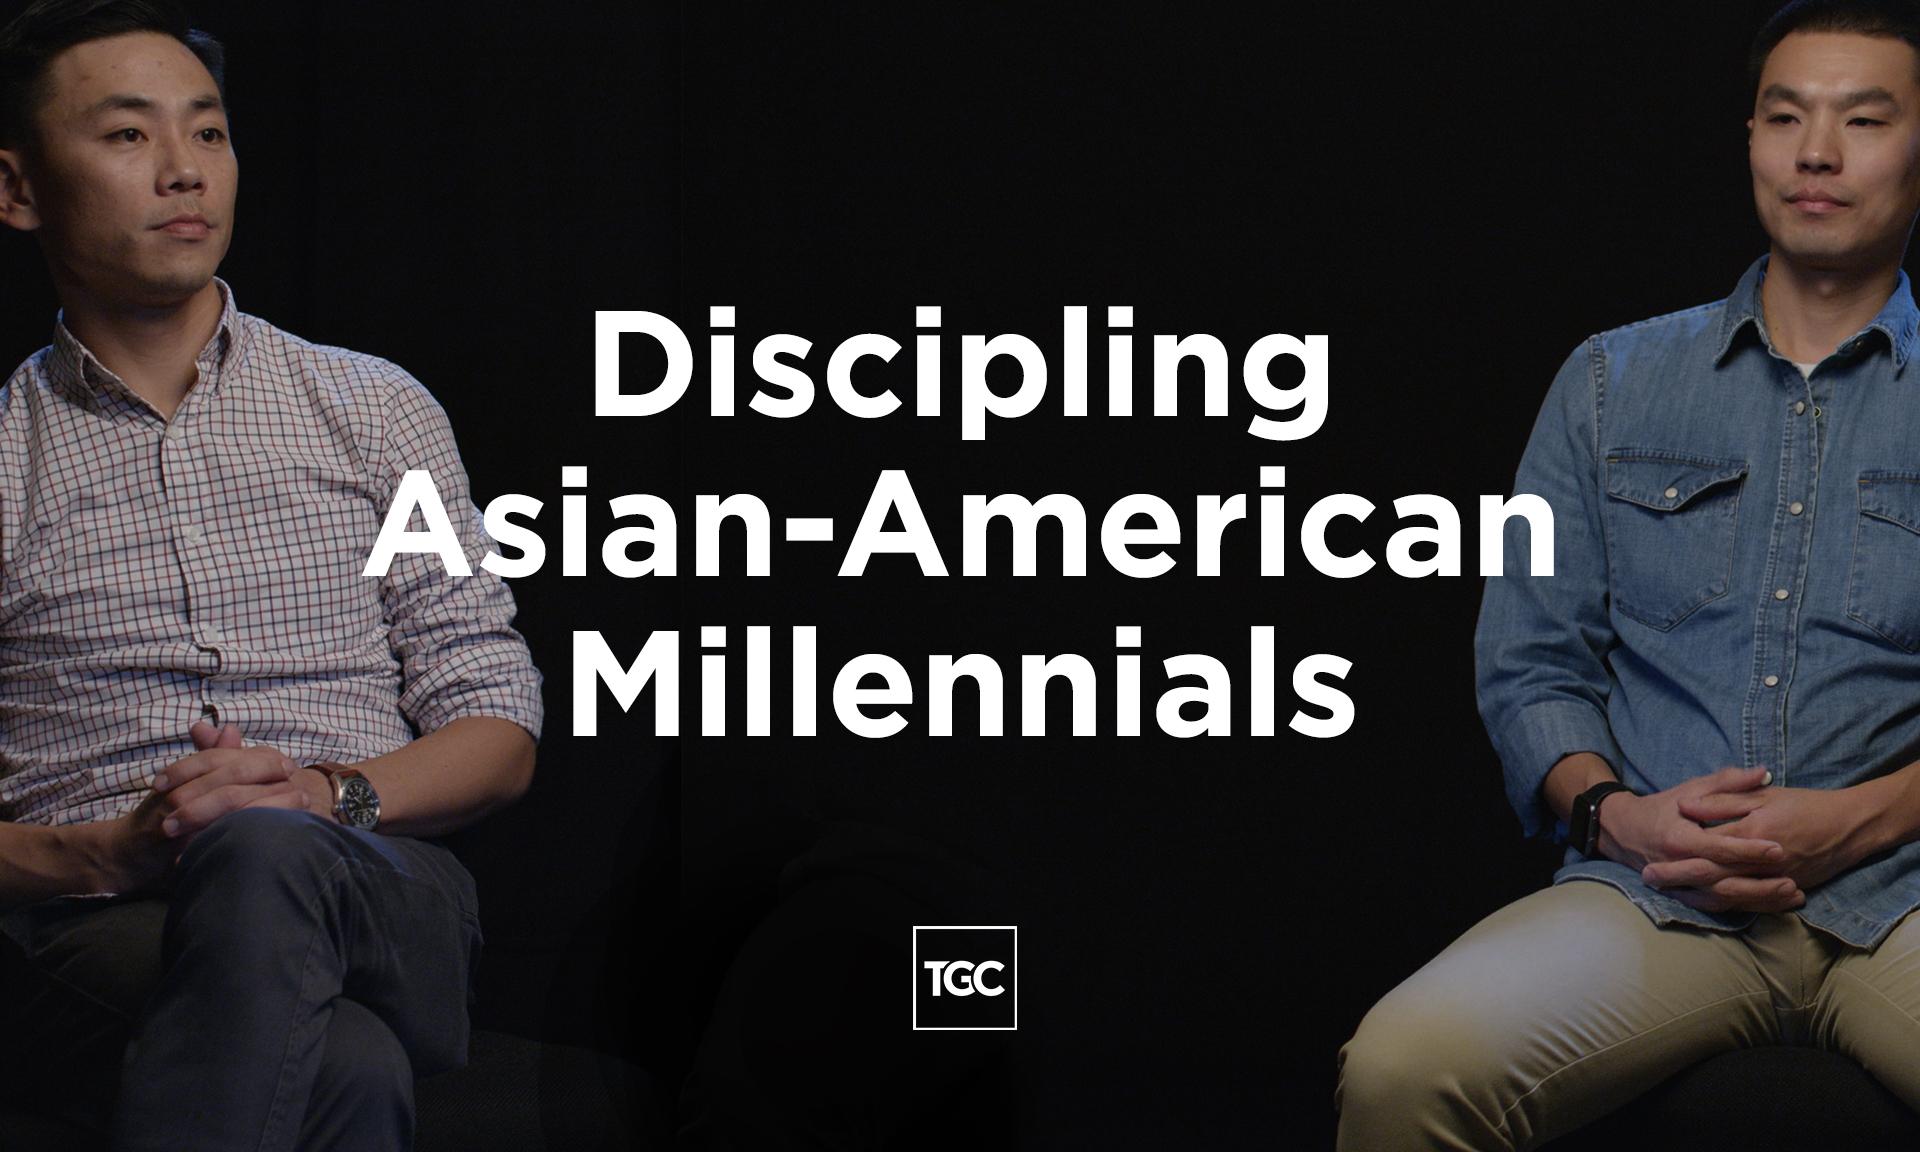 Discipling Asian-American Millennials